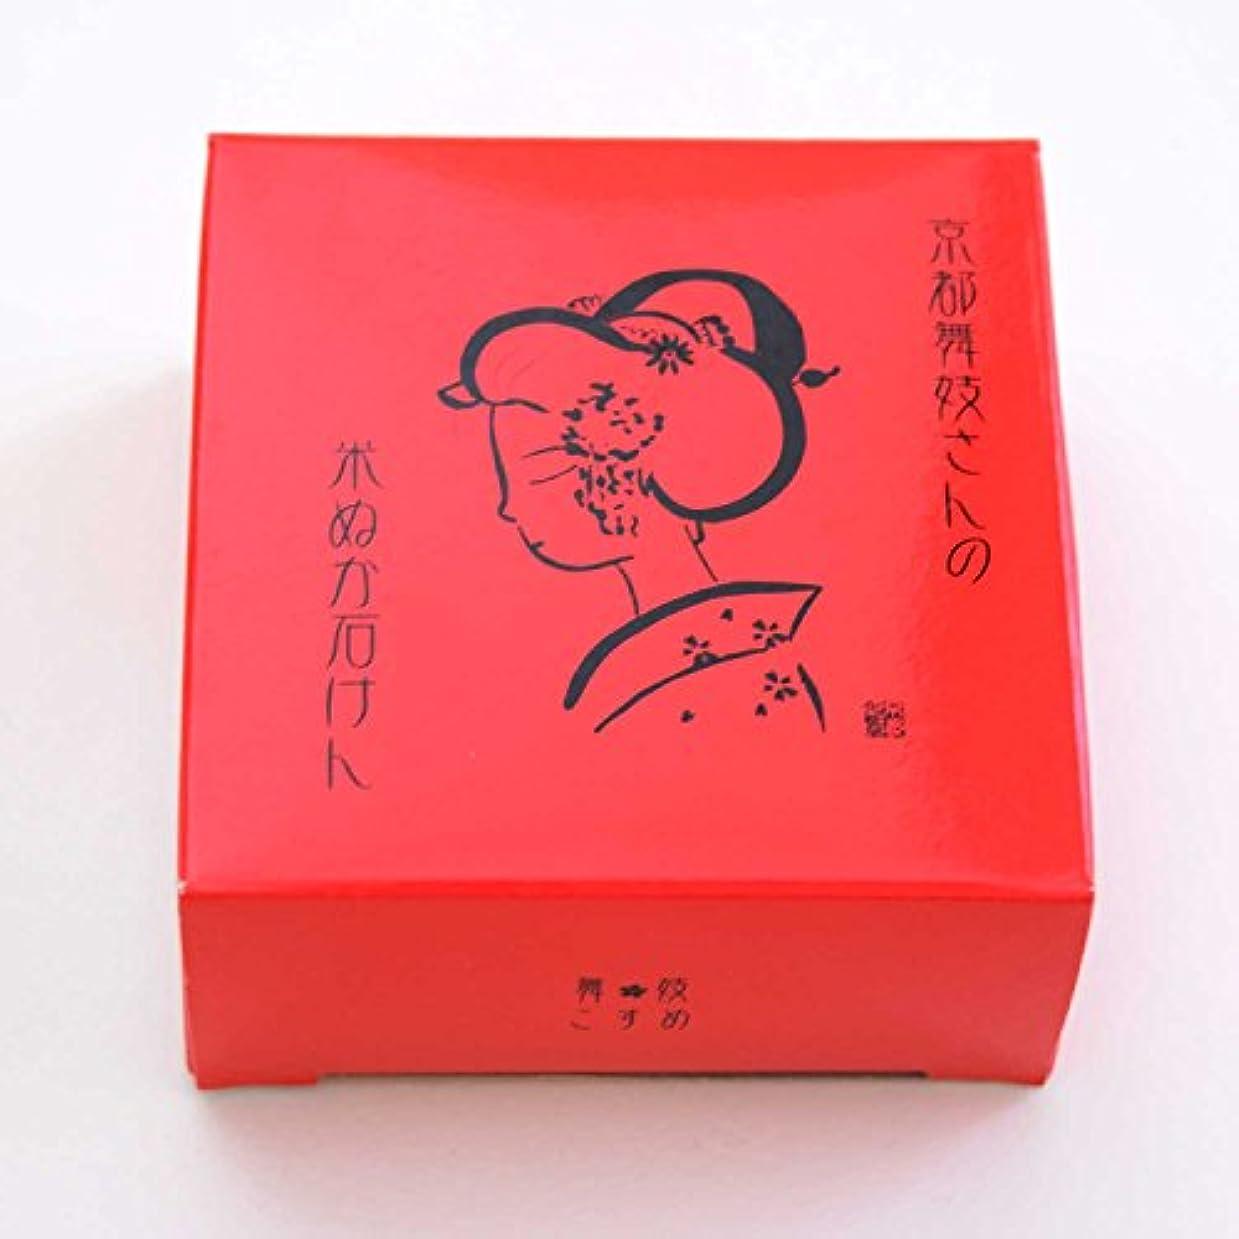 真実競うピット京都限定 舞妓さんの米ぬか石鹸 米ぬかエキス配合 無香料 無着色